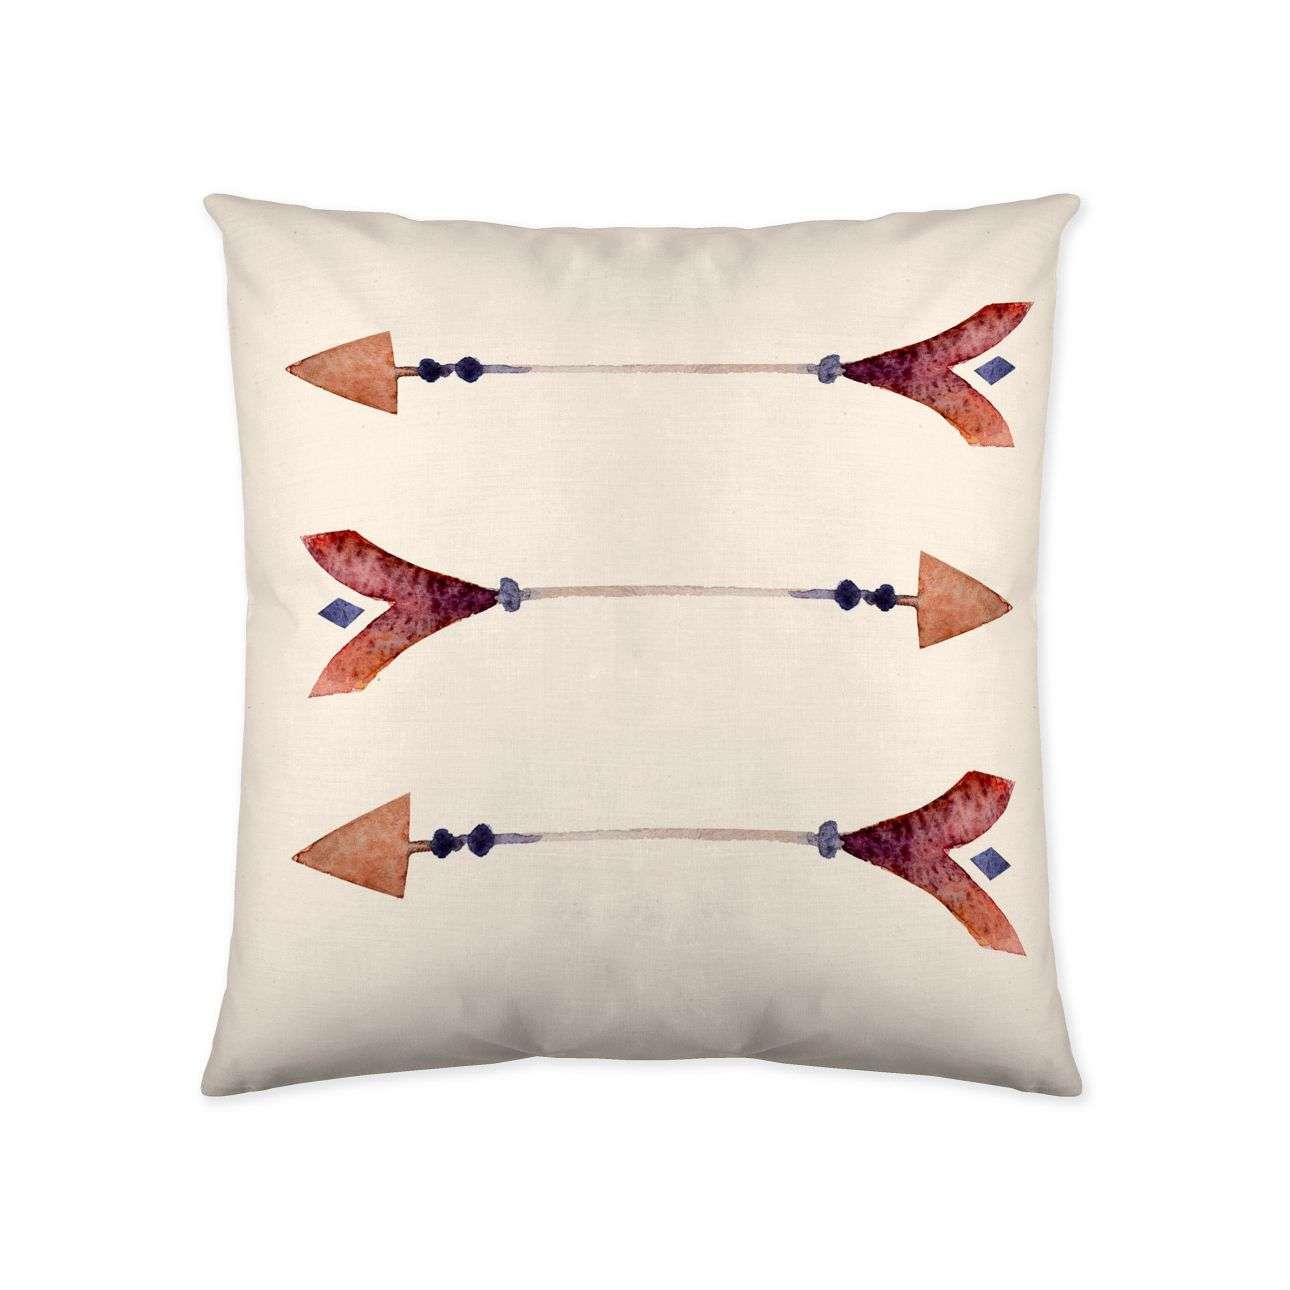 Arrows 45x45cm